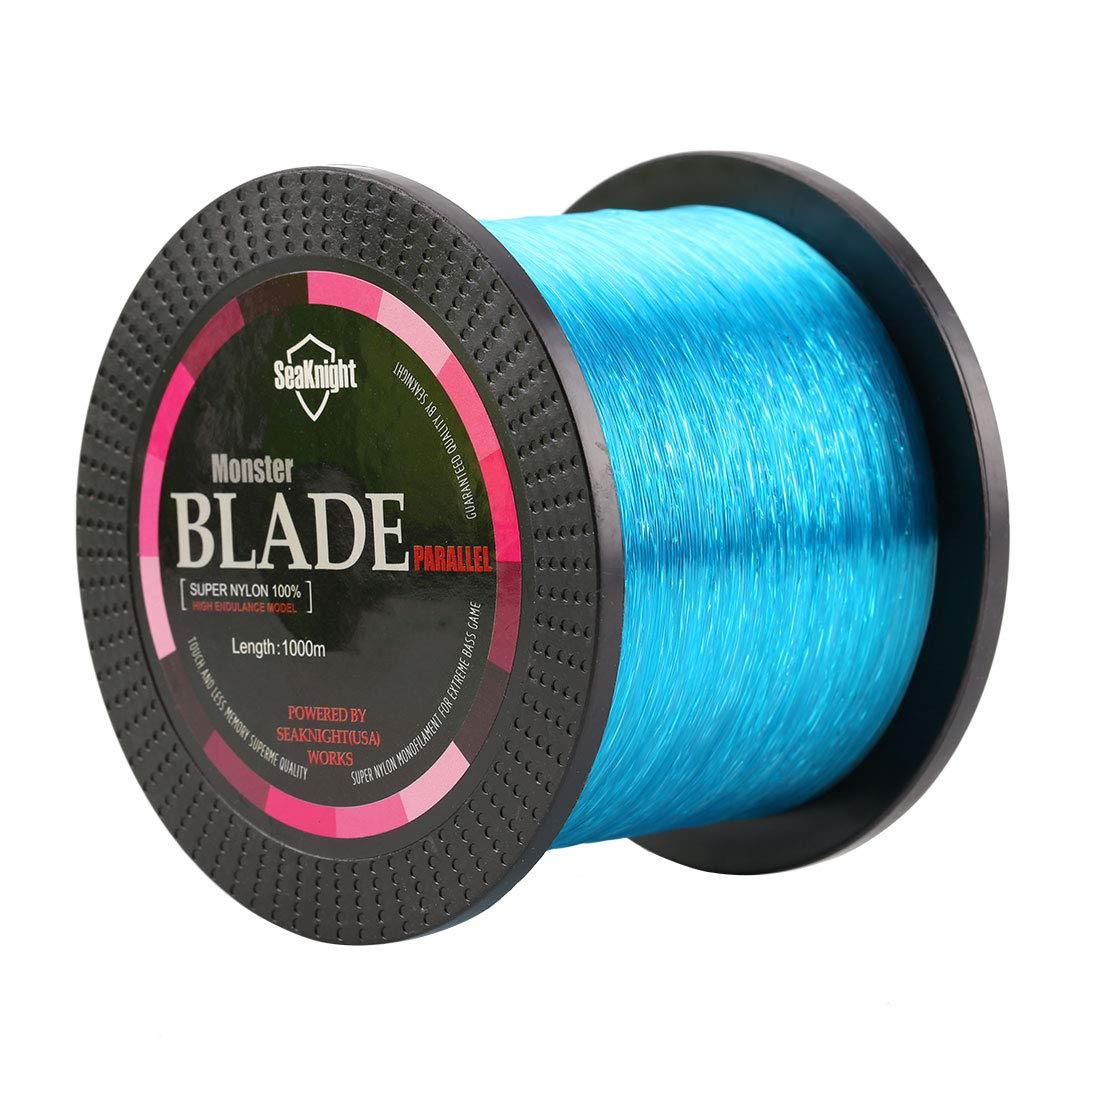 SeaKnight Blade Nylon Fishing Line 500M 1000M Japanese Material Monofilament Line Sea Fishing 2-35LB